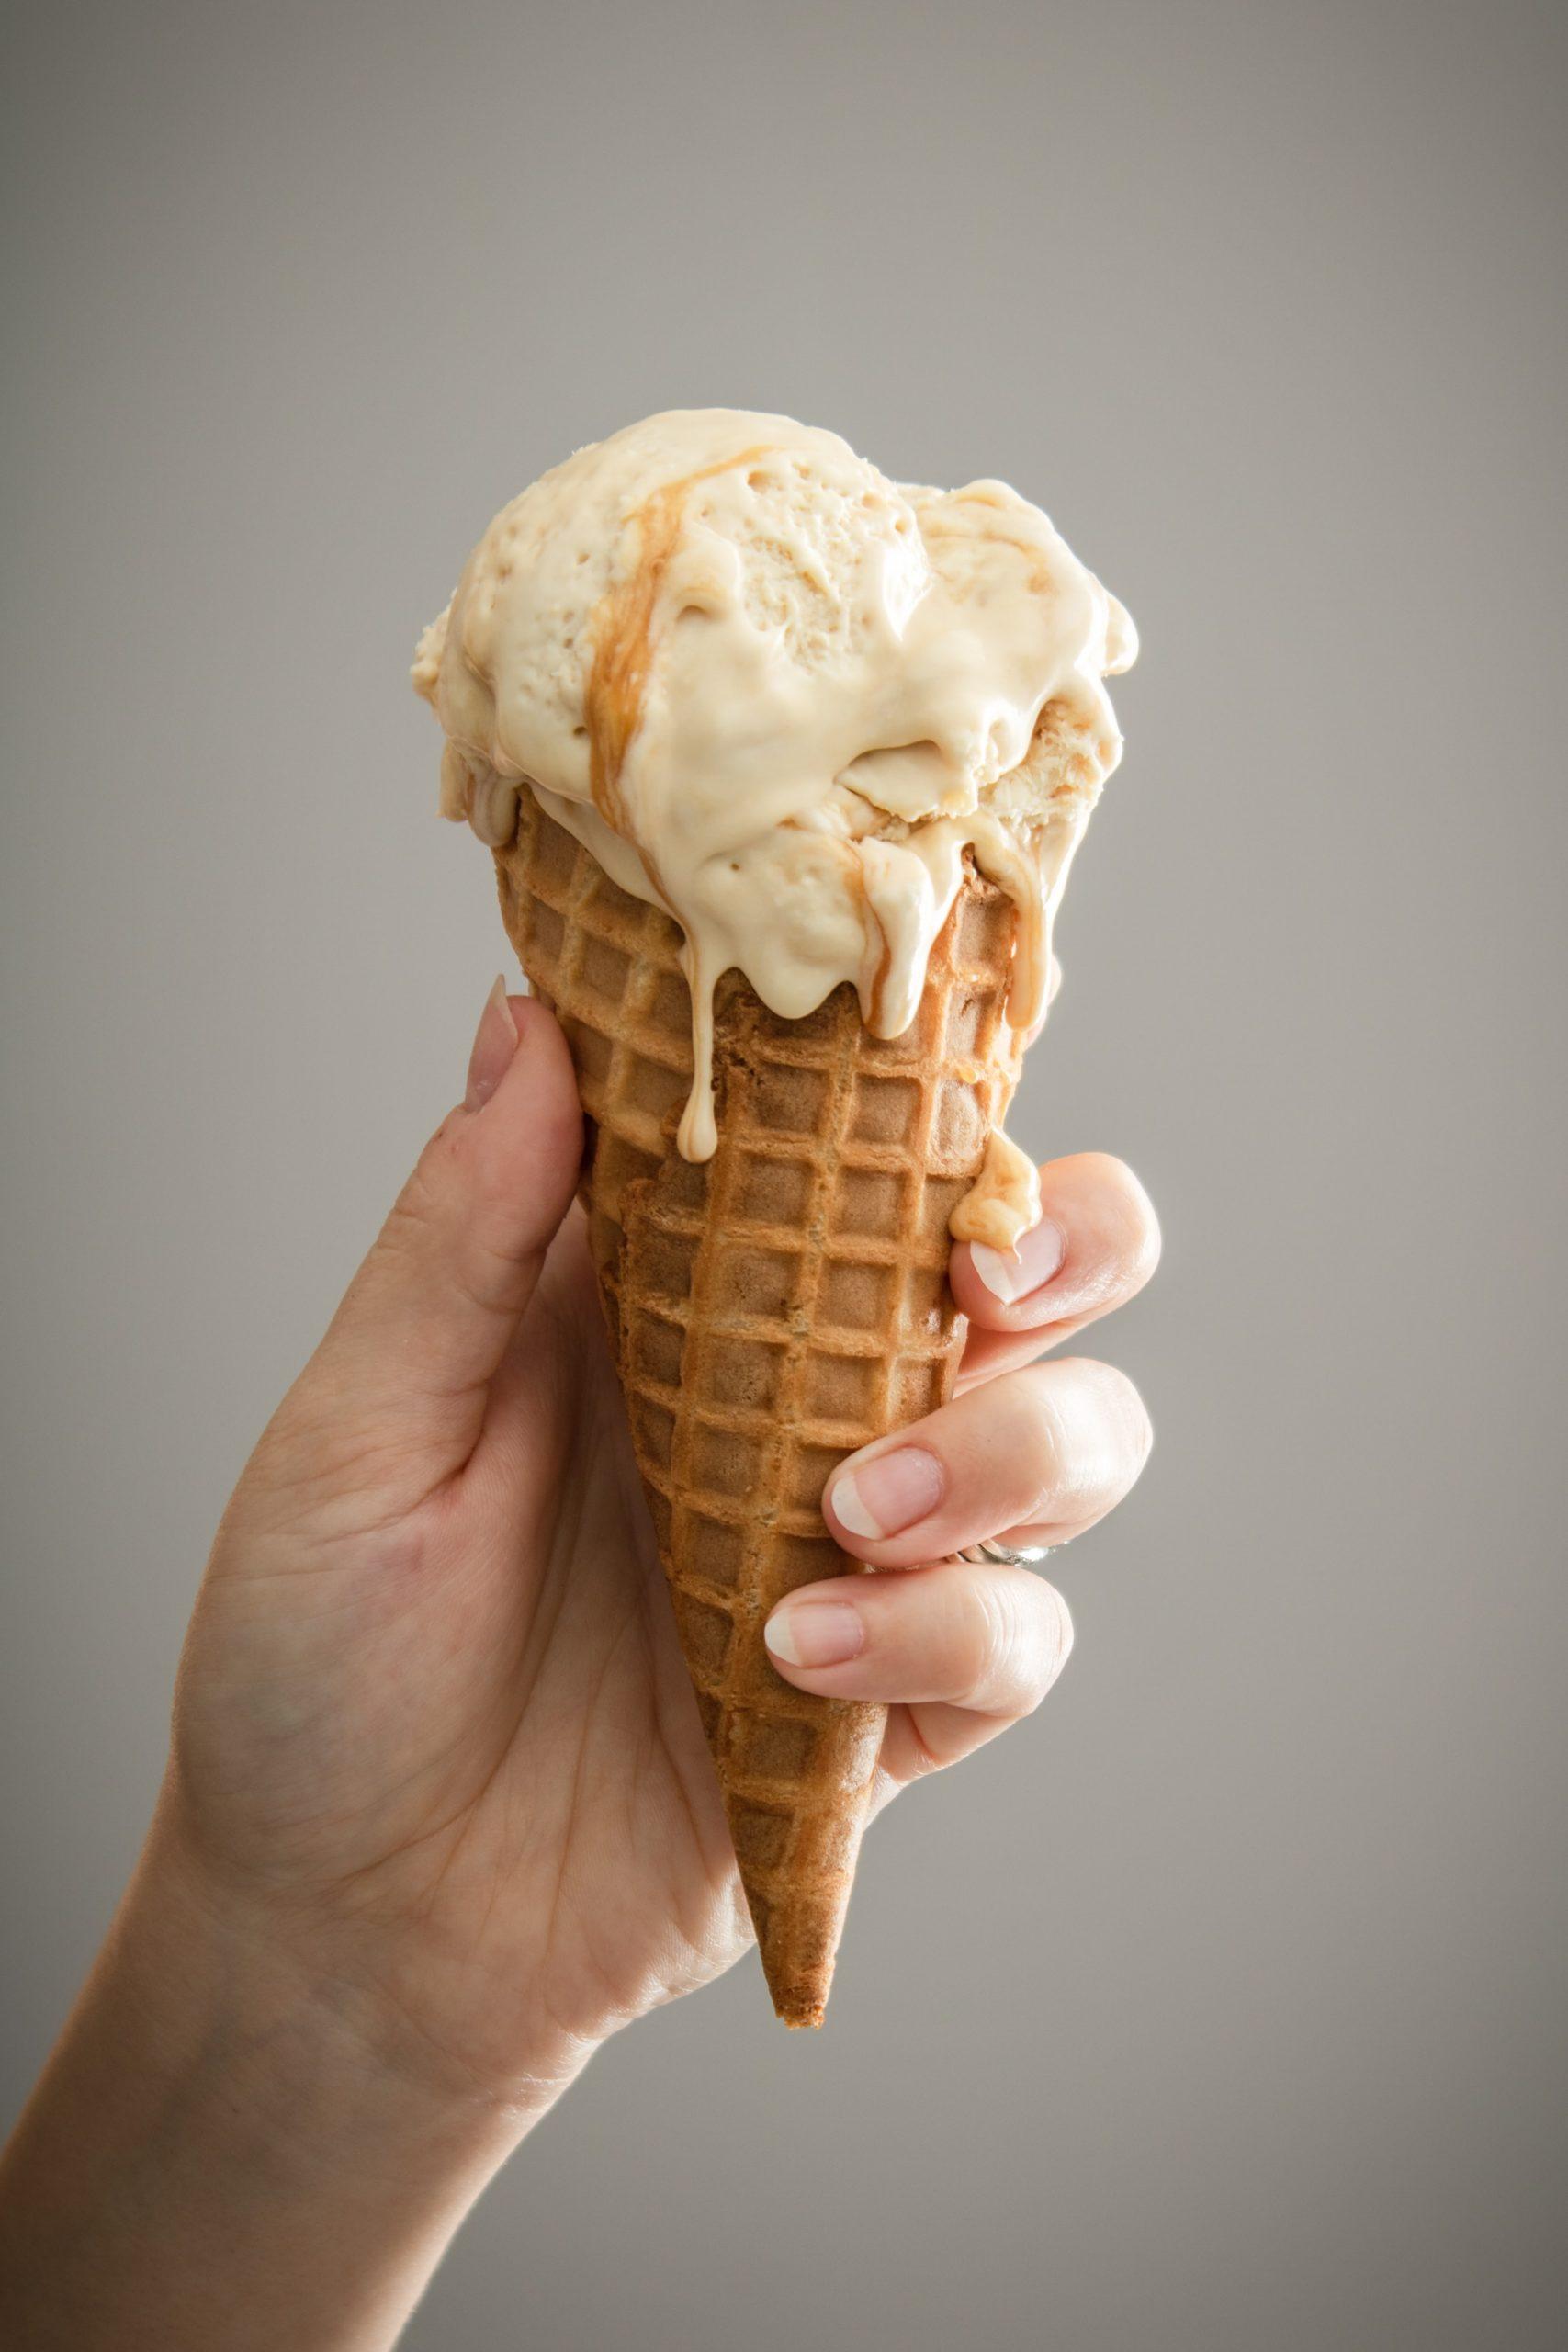 dulce de leches ice cream